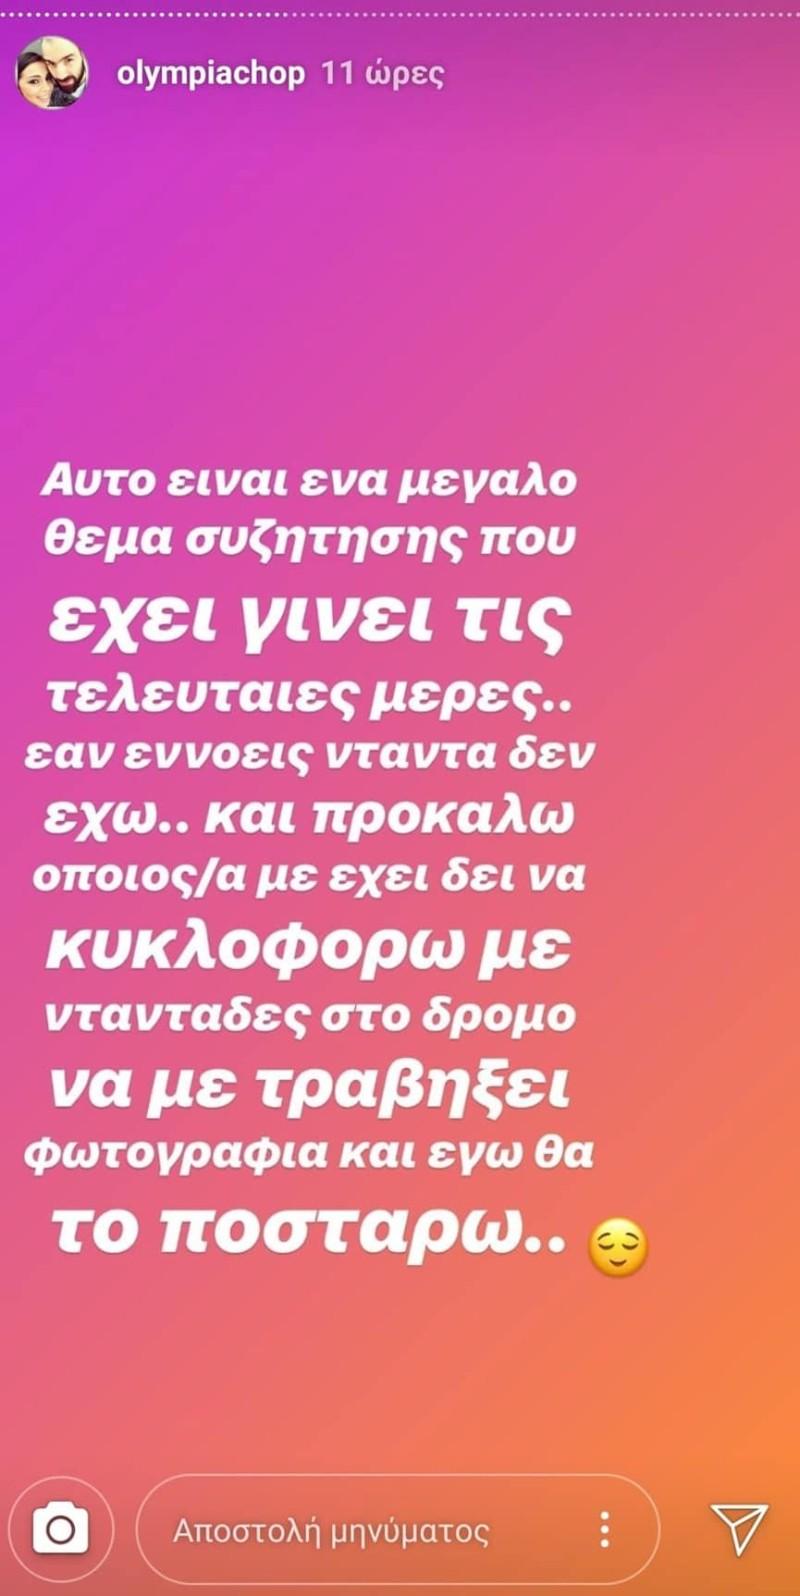 Ολυμπία Χοψονίδου: Την κατηγόρησαν για «νταντάδες» και πήρε κεφάλια! Η αυστηρή απάντηση για την εγκυμοσύνη!